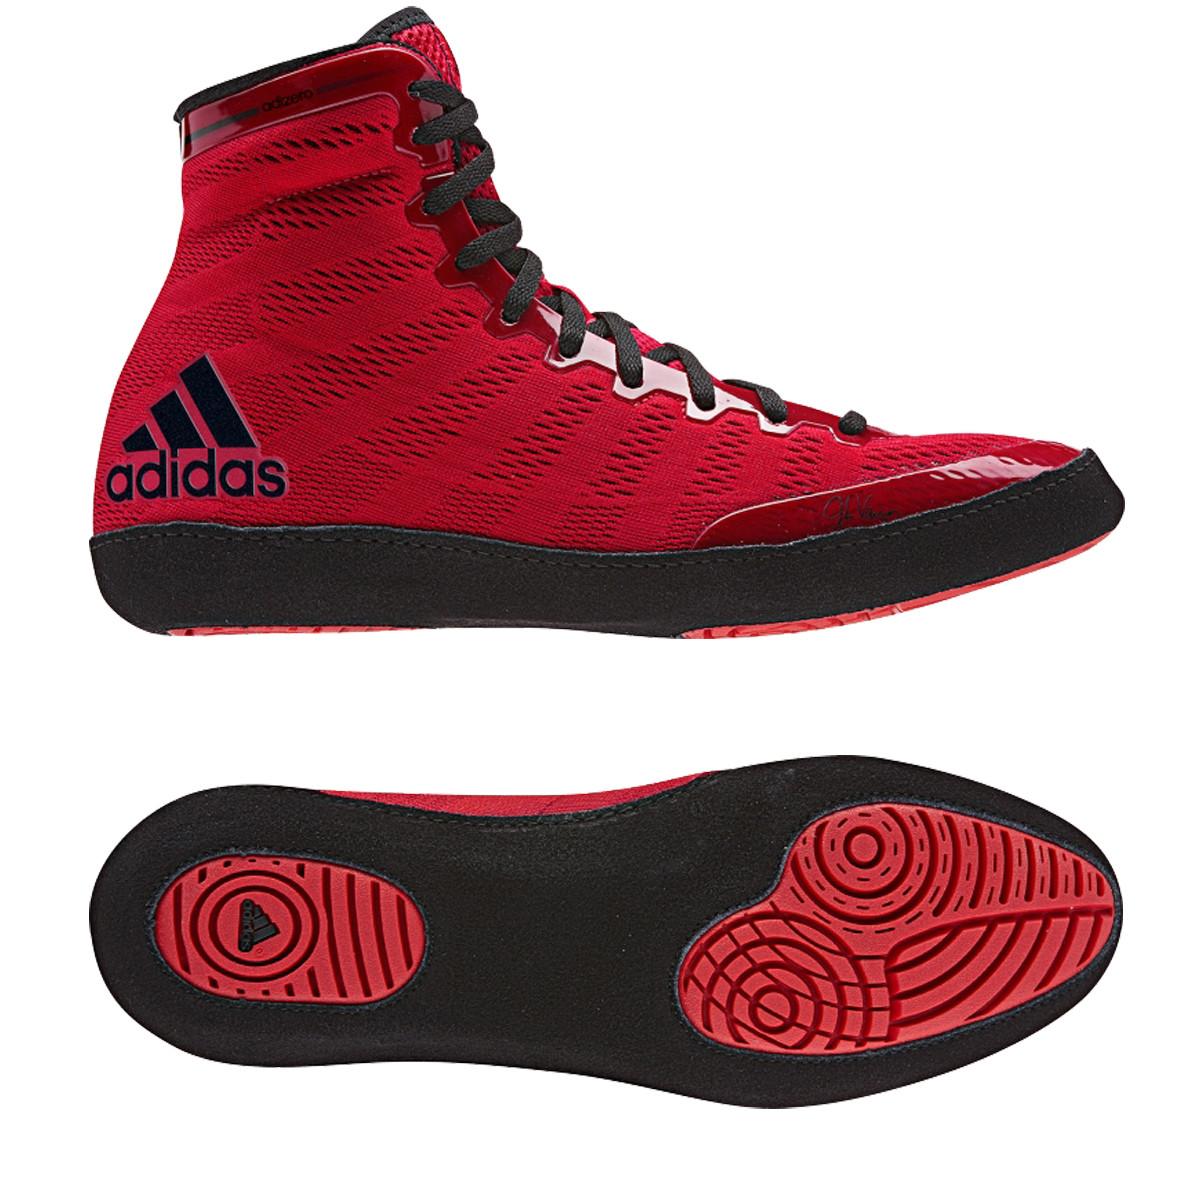 56eb613e847d8f Борцовки, боксерки Adidas adiZero Varner. Обувь для борьбы, бокса. Борцовки  Адидас купить, цена 1 999 грн., купить в Хмельницком — Prom.ua  (ID#901621649)